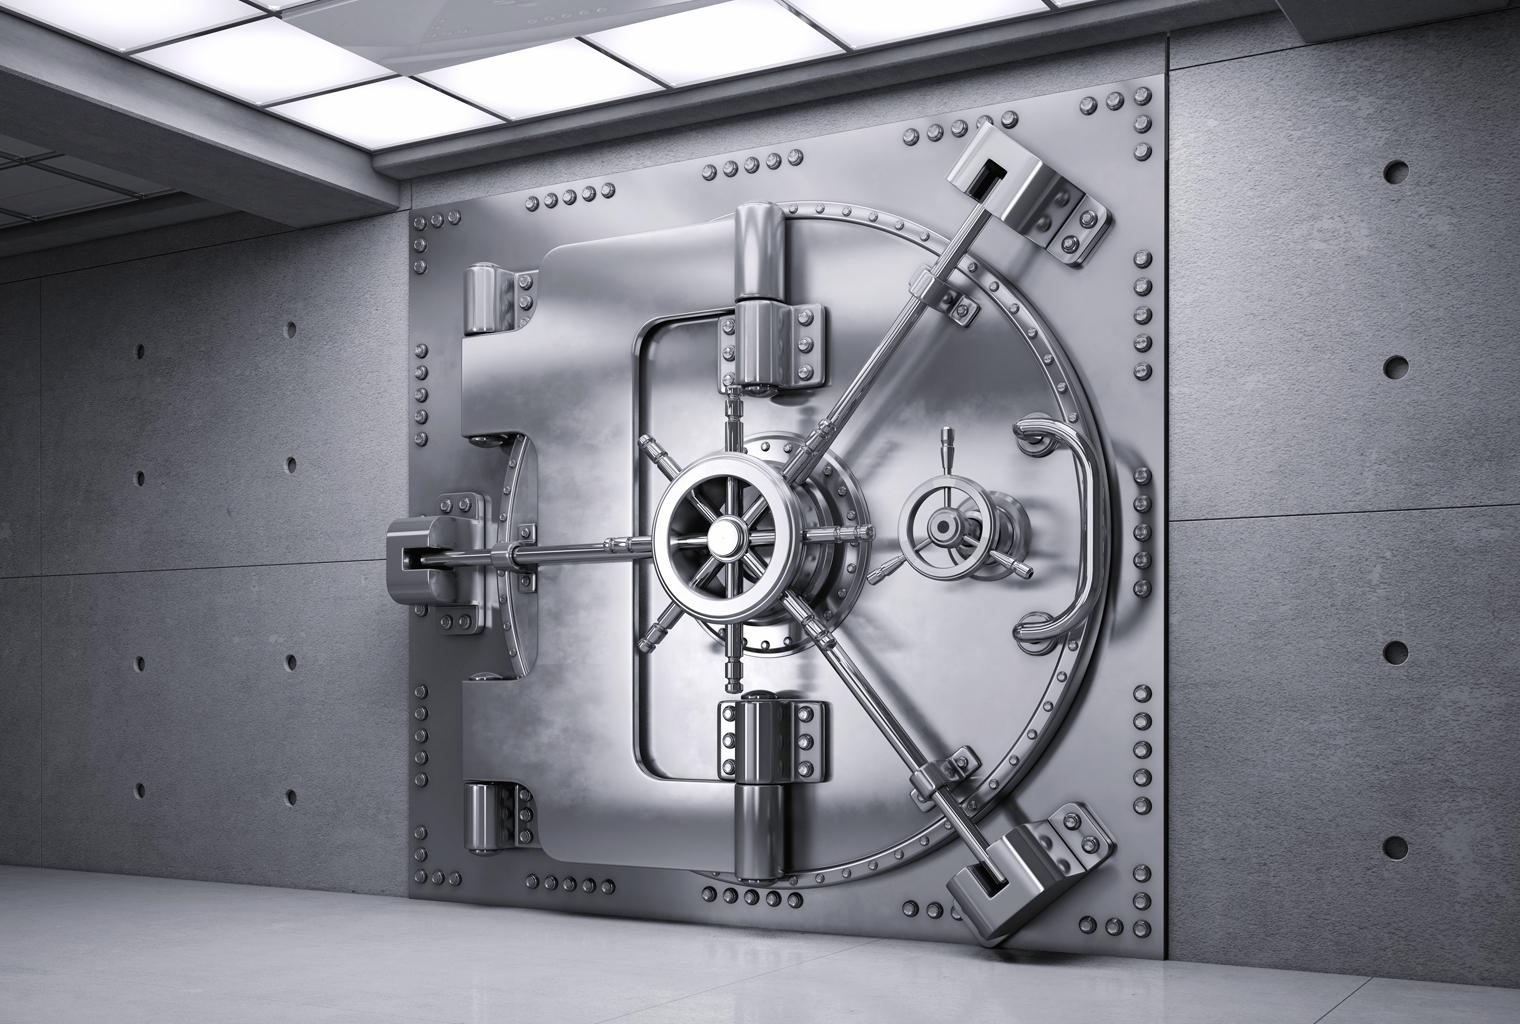 Los amigos de confianza pueden convertirse en custodios de criptomonedas con la plataforma Vault12